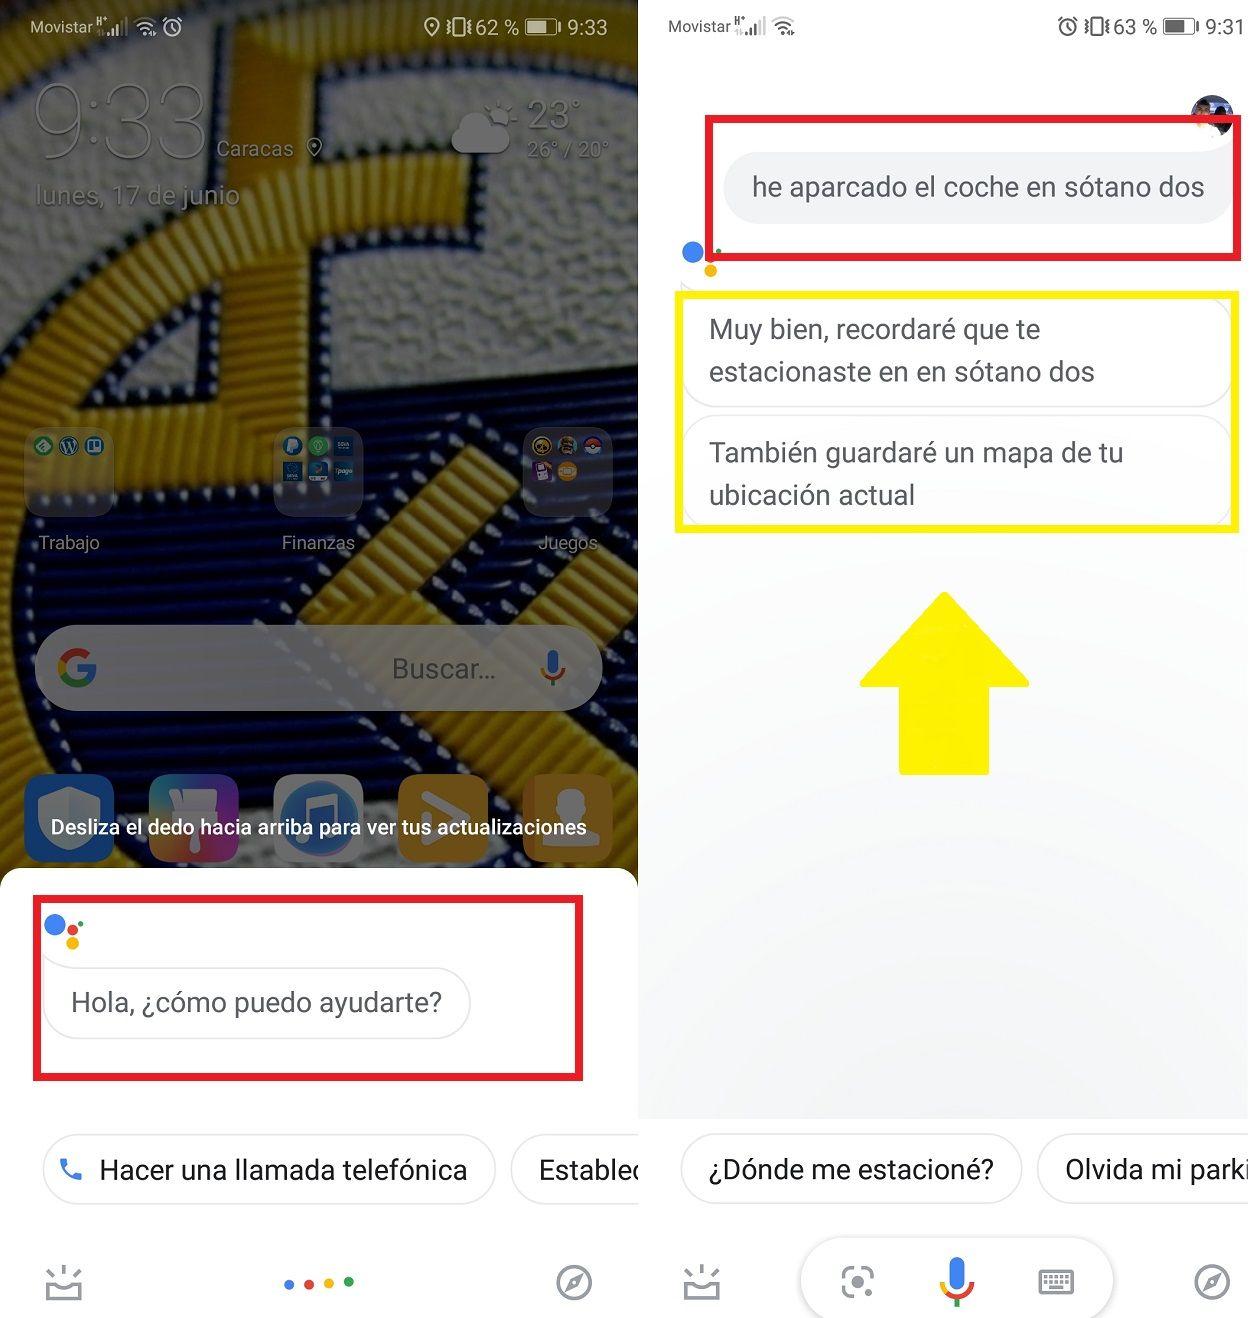 Aparcar Coches Google